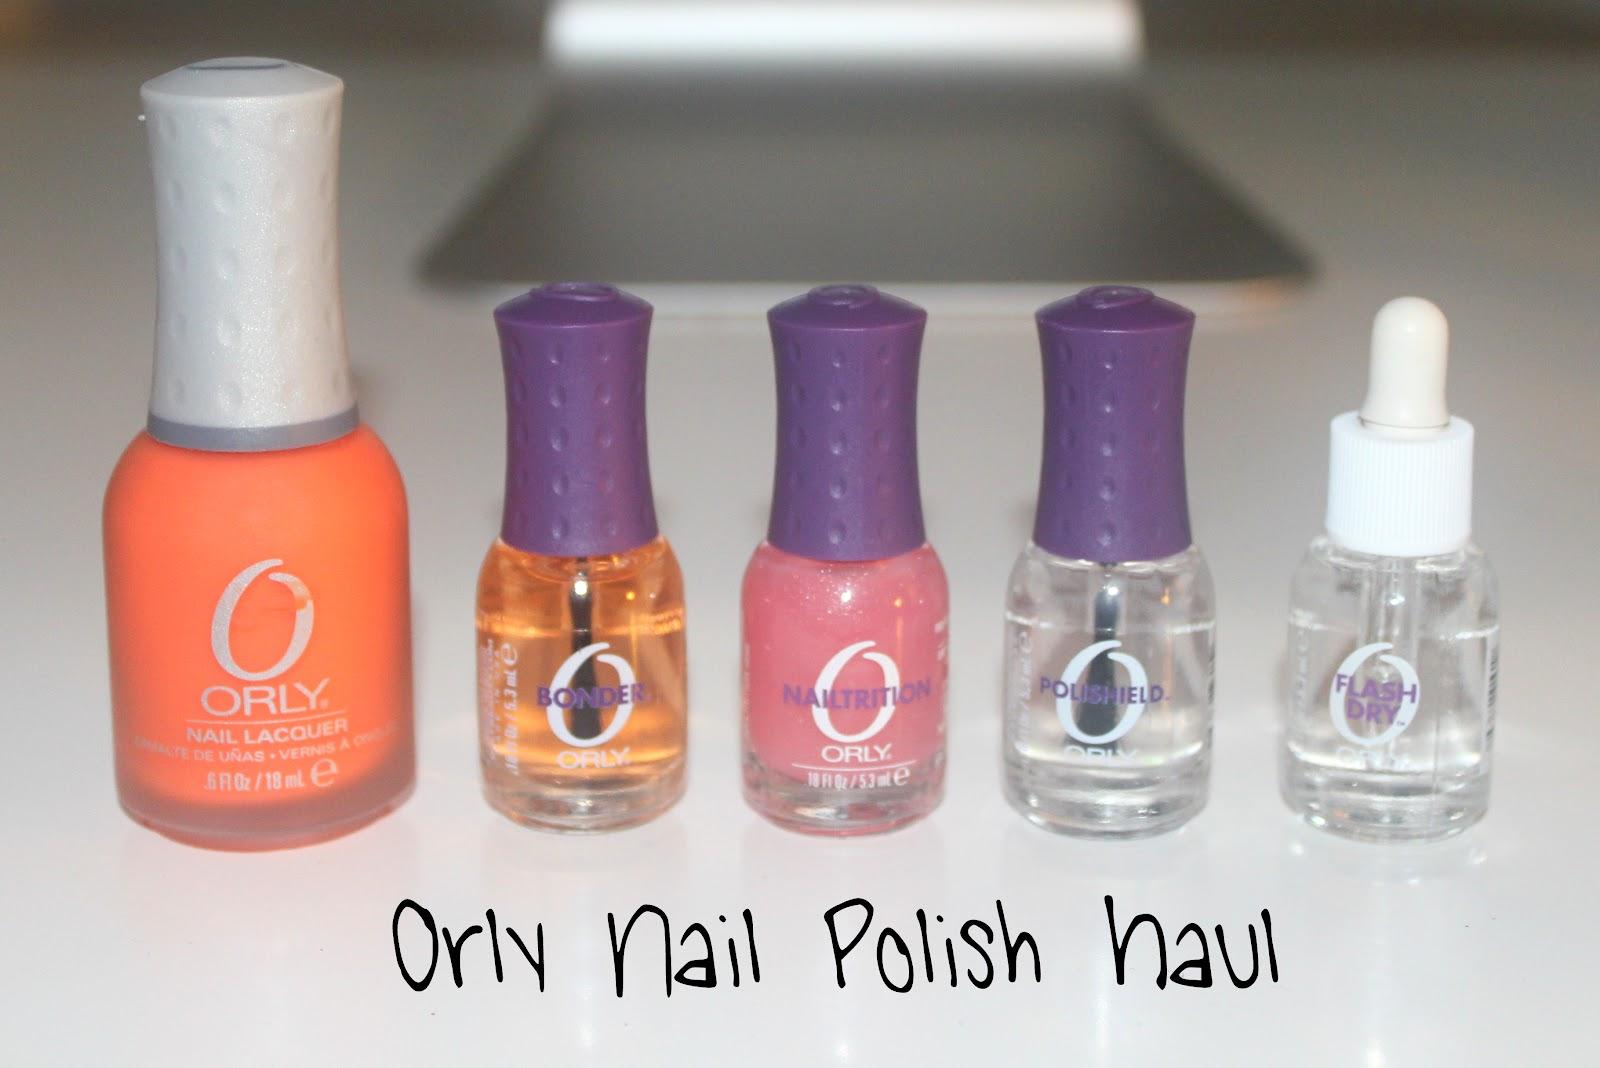 Orly Nail Polish Haul